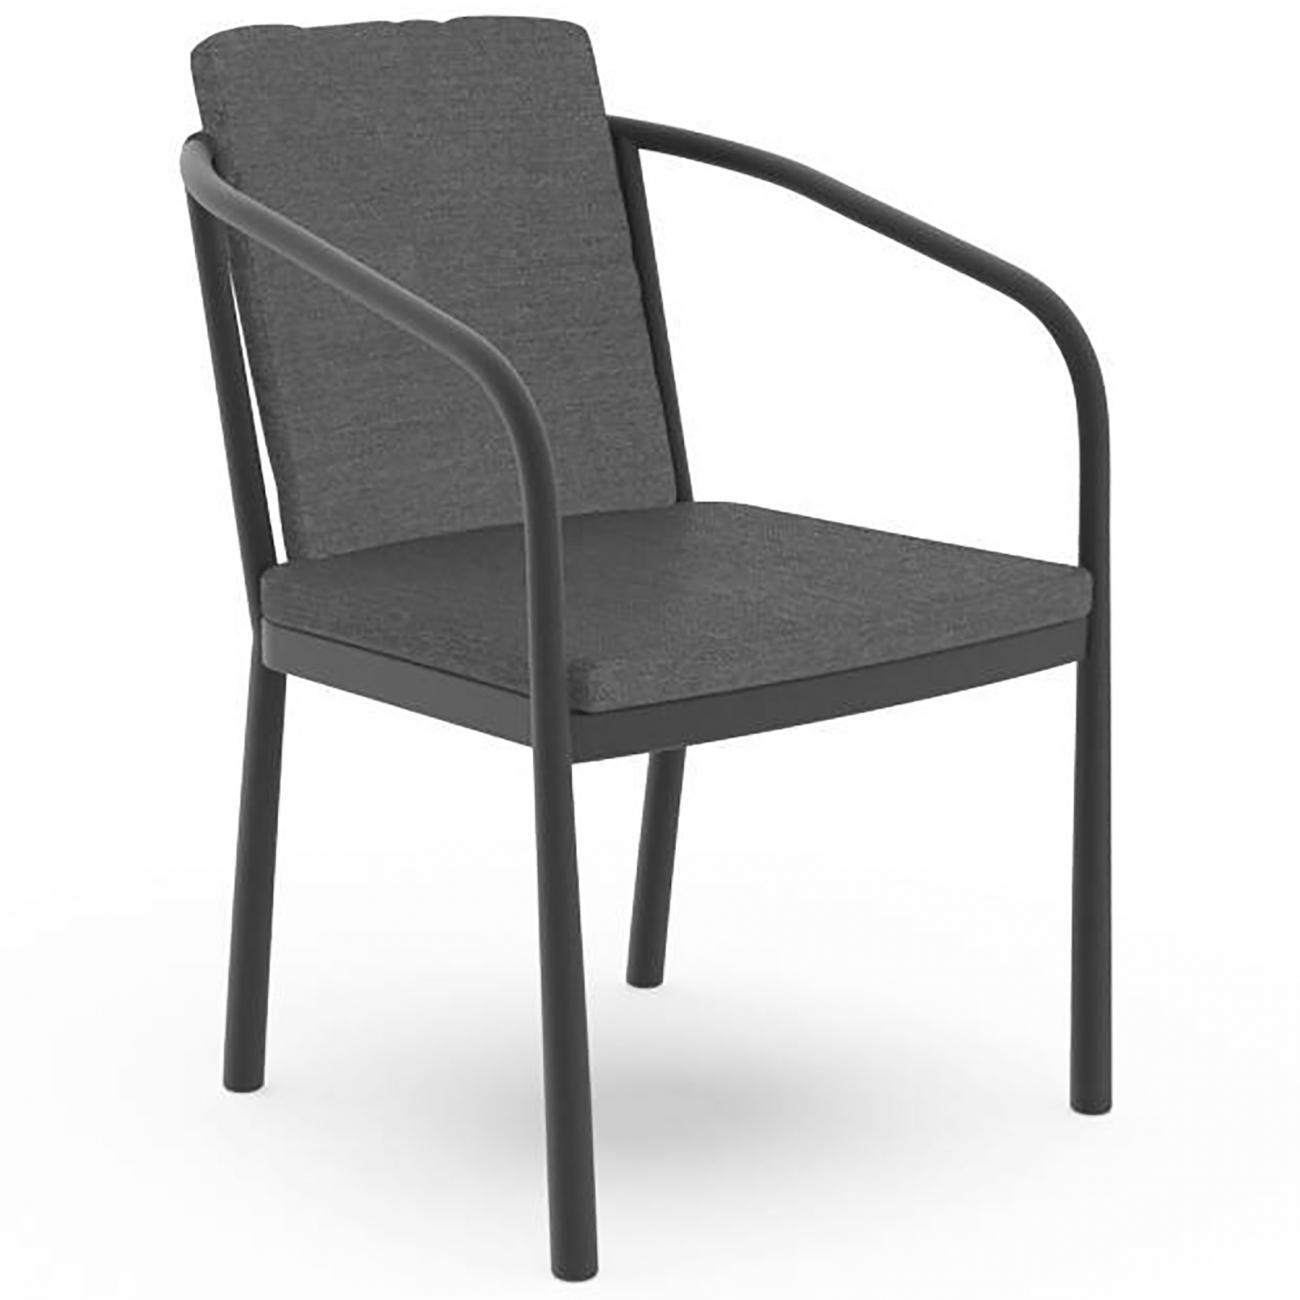 Talenti Sofy dining armchair